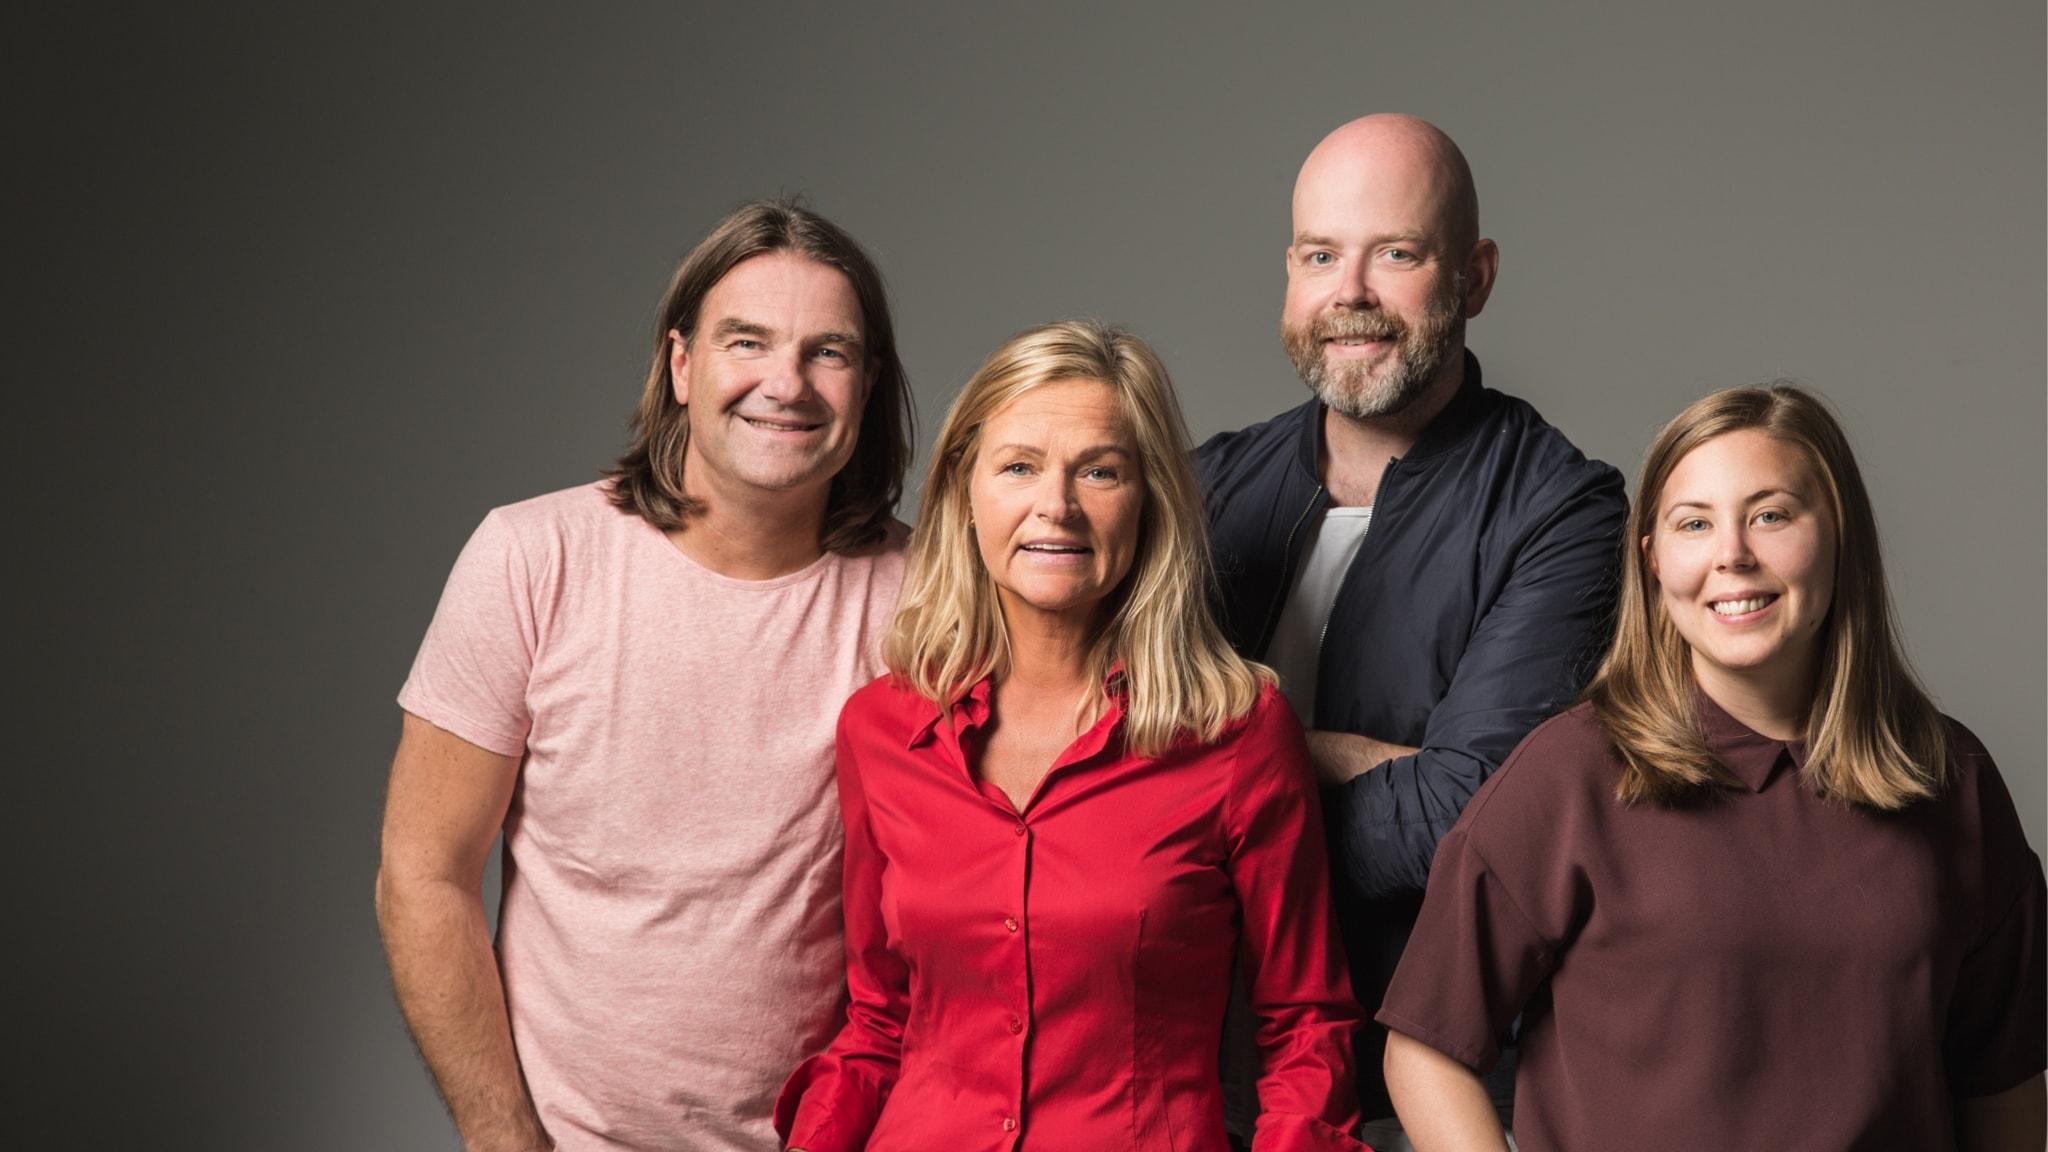 Med Jocke Wallgren, Anne Marchal och Peje Johansson